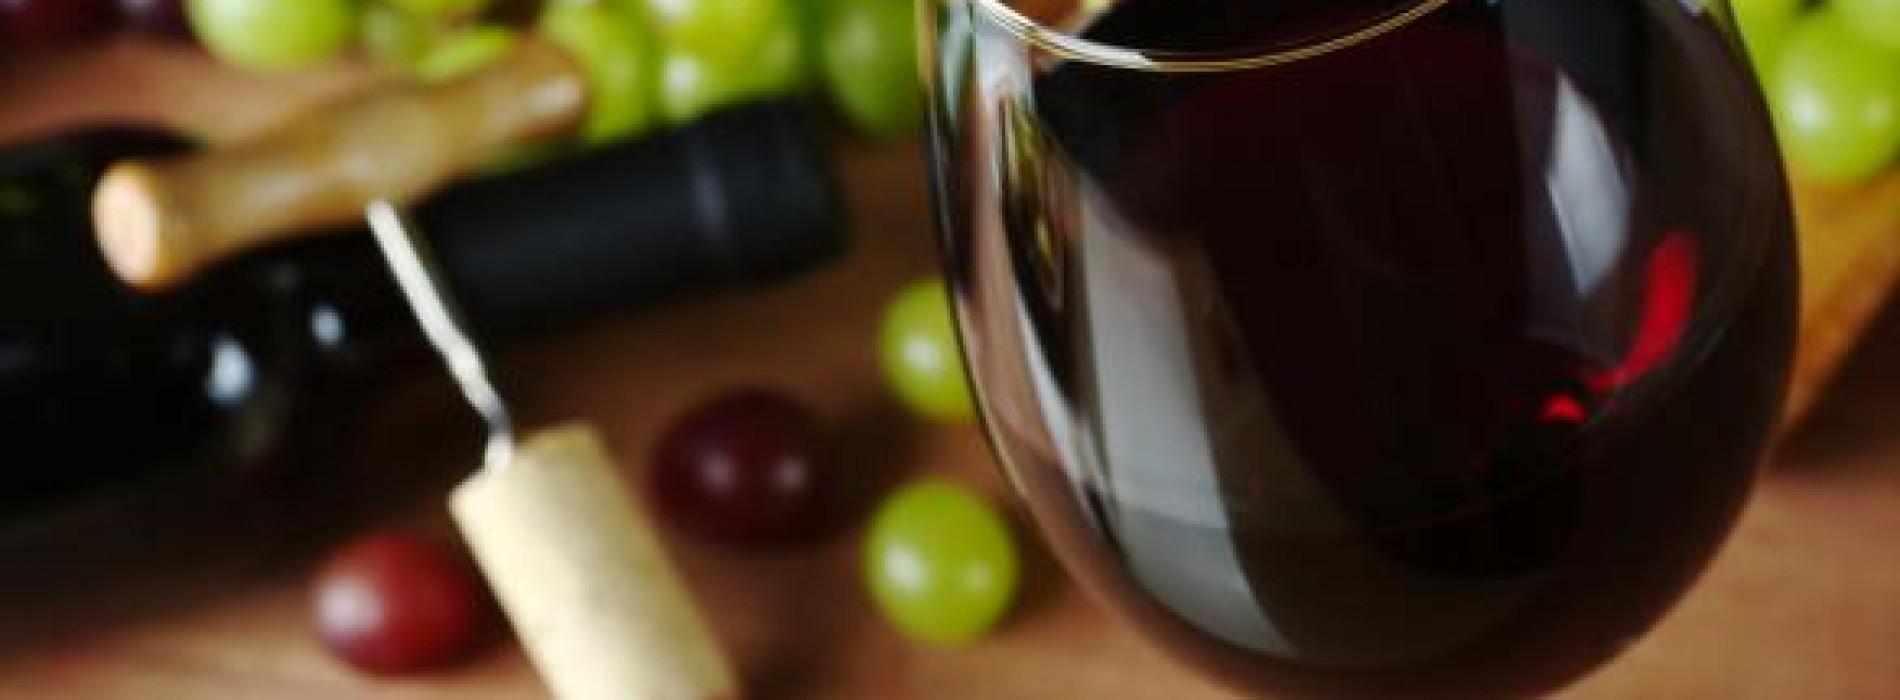 Blijf gezond en eet als een Fransman: 8 tips over het Franse dieet